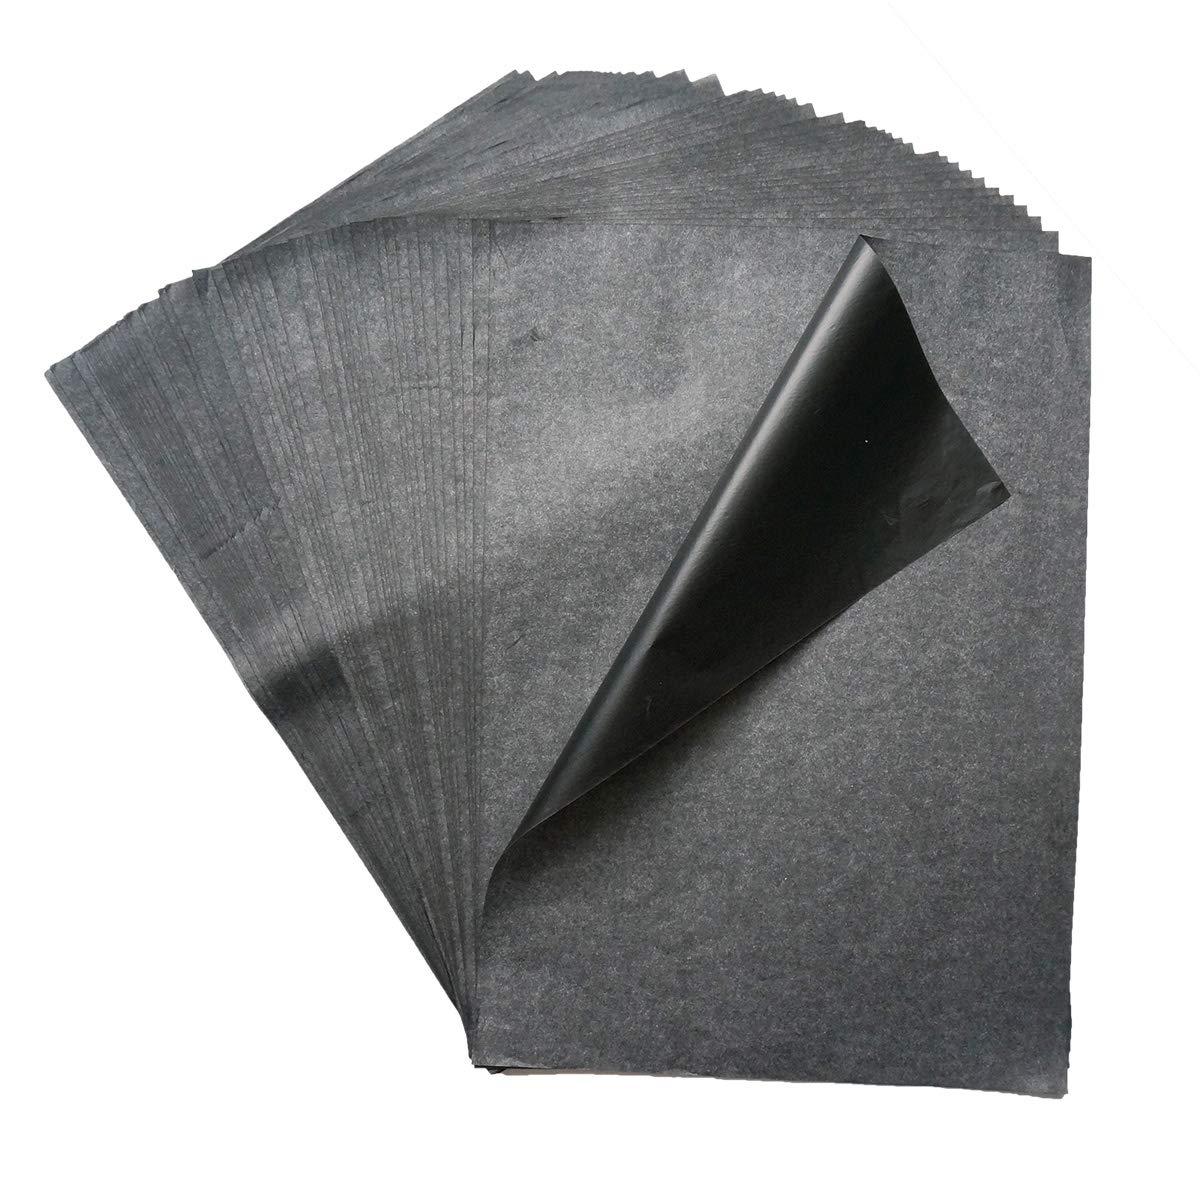 50 Fogli Carta Grafite da Ricalco Carta di trasferimento Carbonio Carta Copiativa 9x13 Pollici per Legno Crta Tela Ceramica SuperHandwerk